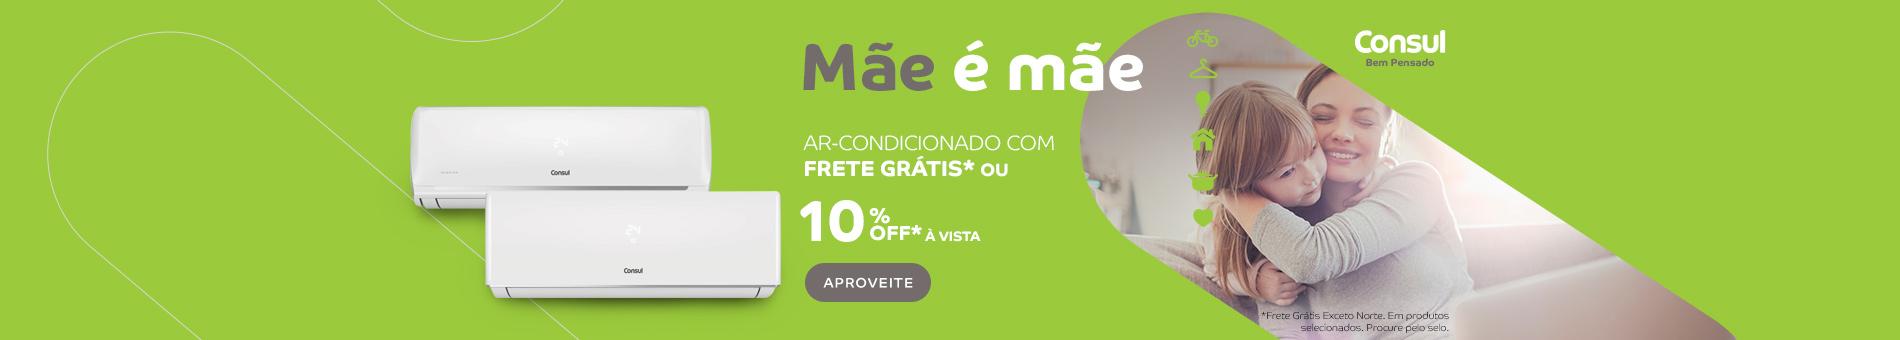 Promoção Interna - 1643 - mae_ac-freteou10vista_24032017_home5 - ac-freteou10vista - 5